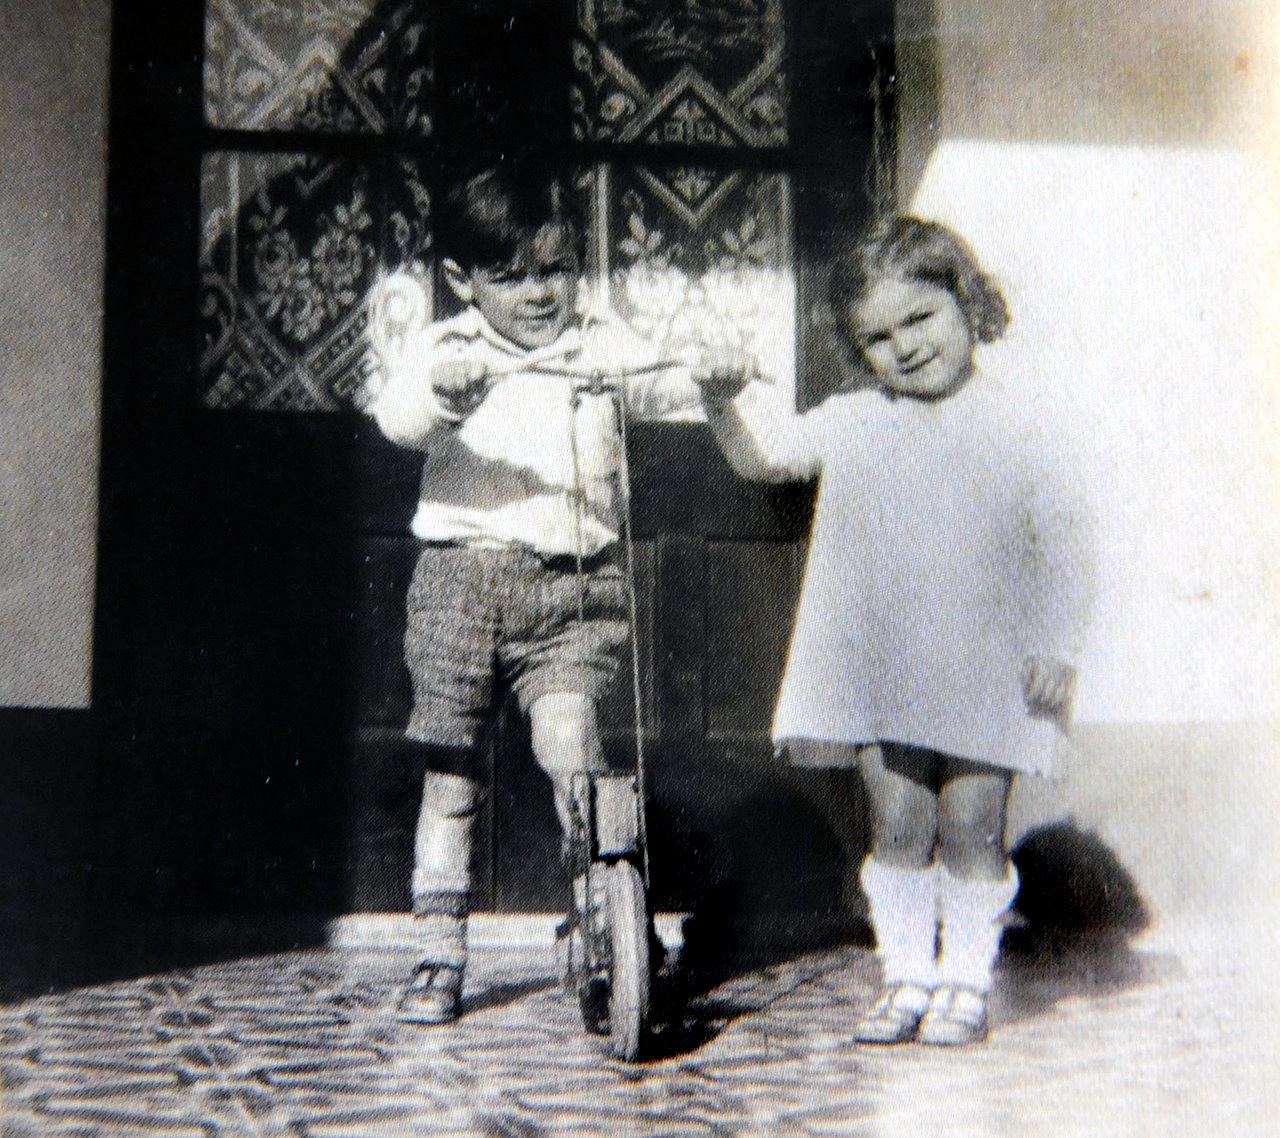 Первые два года Эрнесто не мог посещать школу и учился на дому (научился читать в четыре года), поск